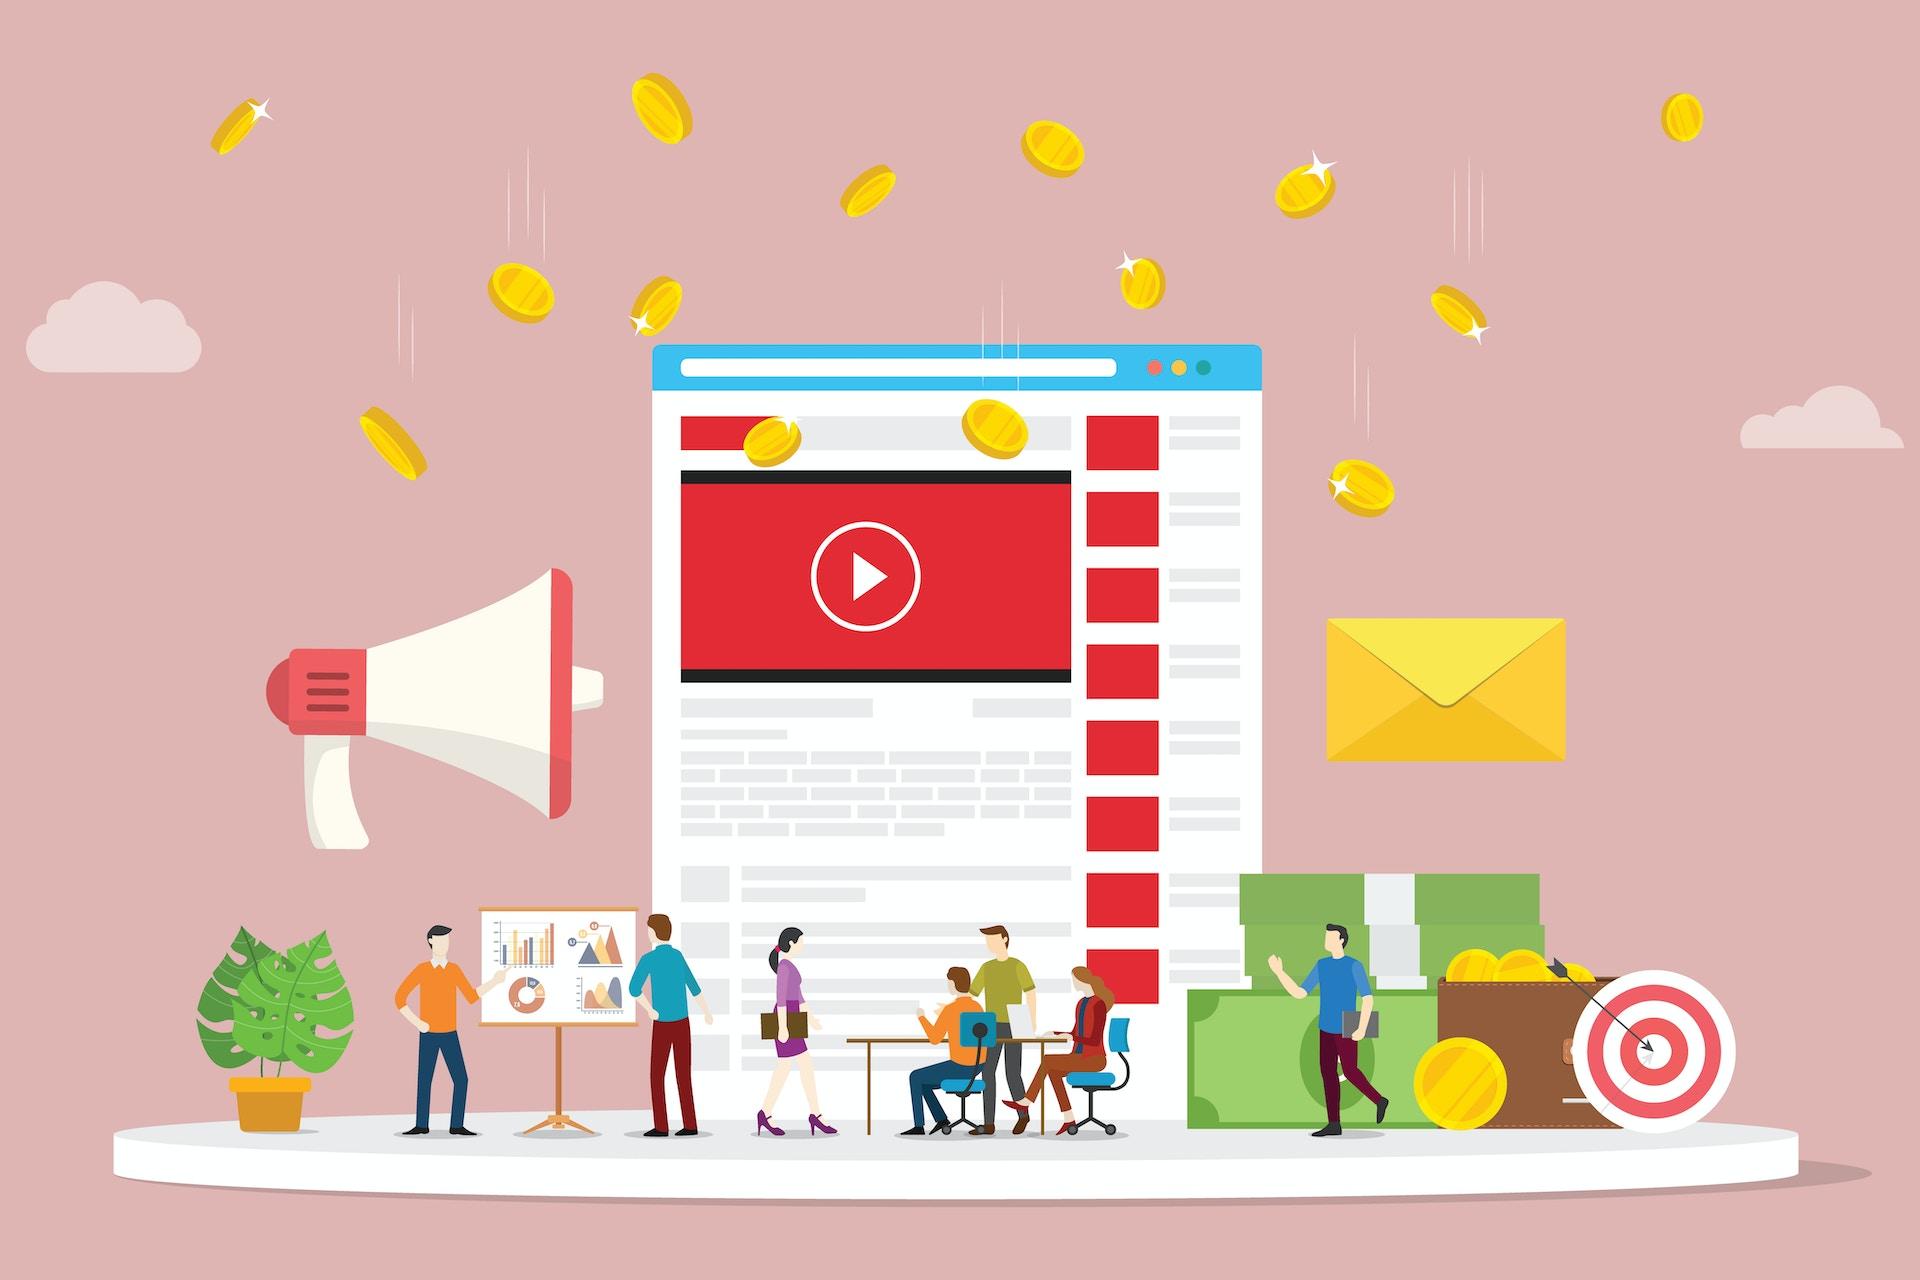 Altrosa Hintergrund verschiedenen Icons wie fliegende Goldmünzen, ein Megaphone, ein goldener Briefumschlag, eine Animation der YouTube Seite, eine Zielscheibe und Personen im Büro